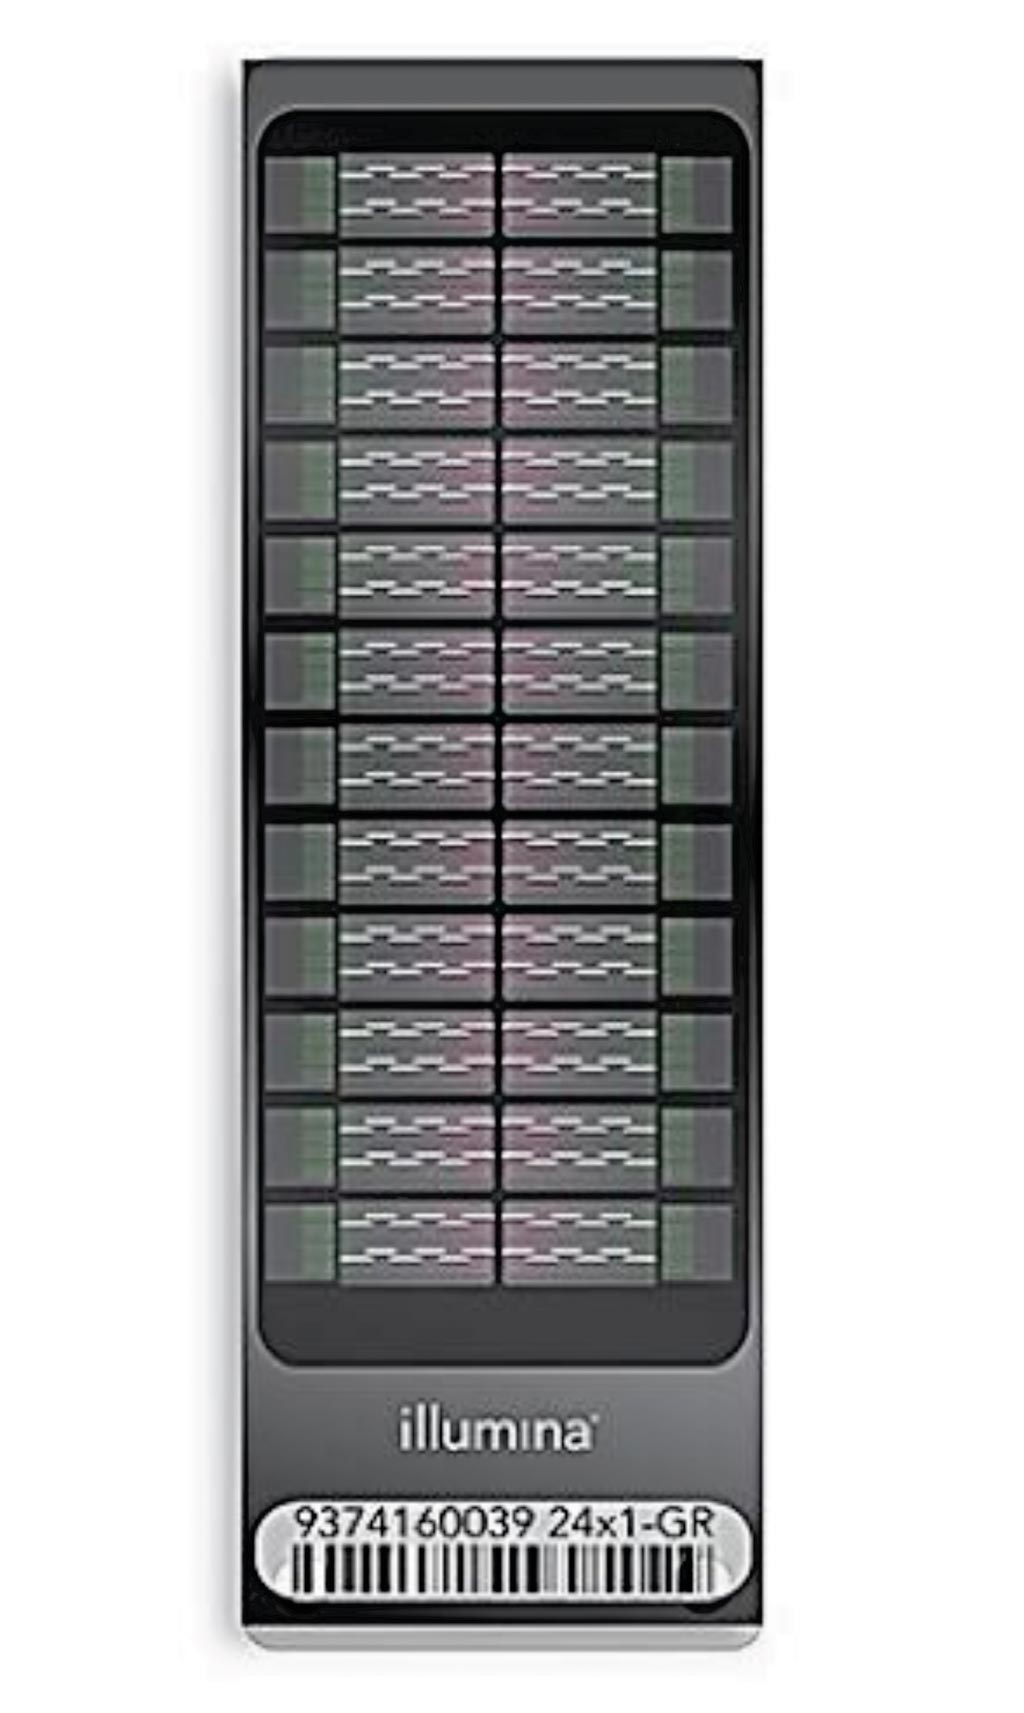 图片:Infinium OmniExpress-24 Kit是能容纳24份样本的 BeadChip阵列,具有每周数千份样本的超常通量,能实现强大的人类全基因组关联研究 (GWAS)(图片蒙Illumina公司惠赐)。